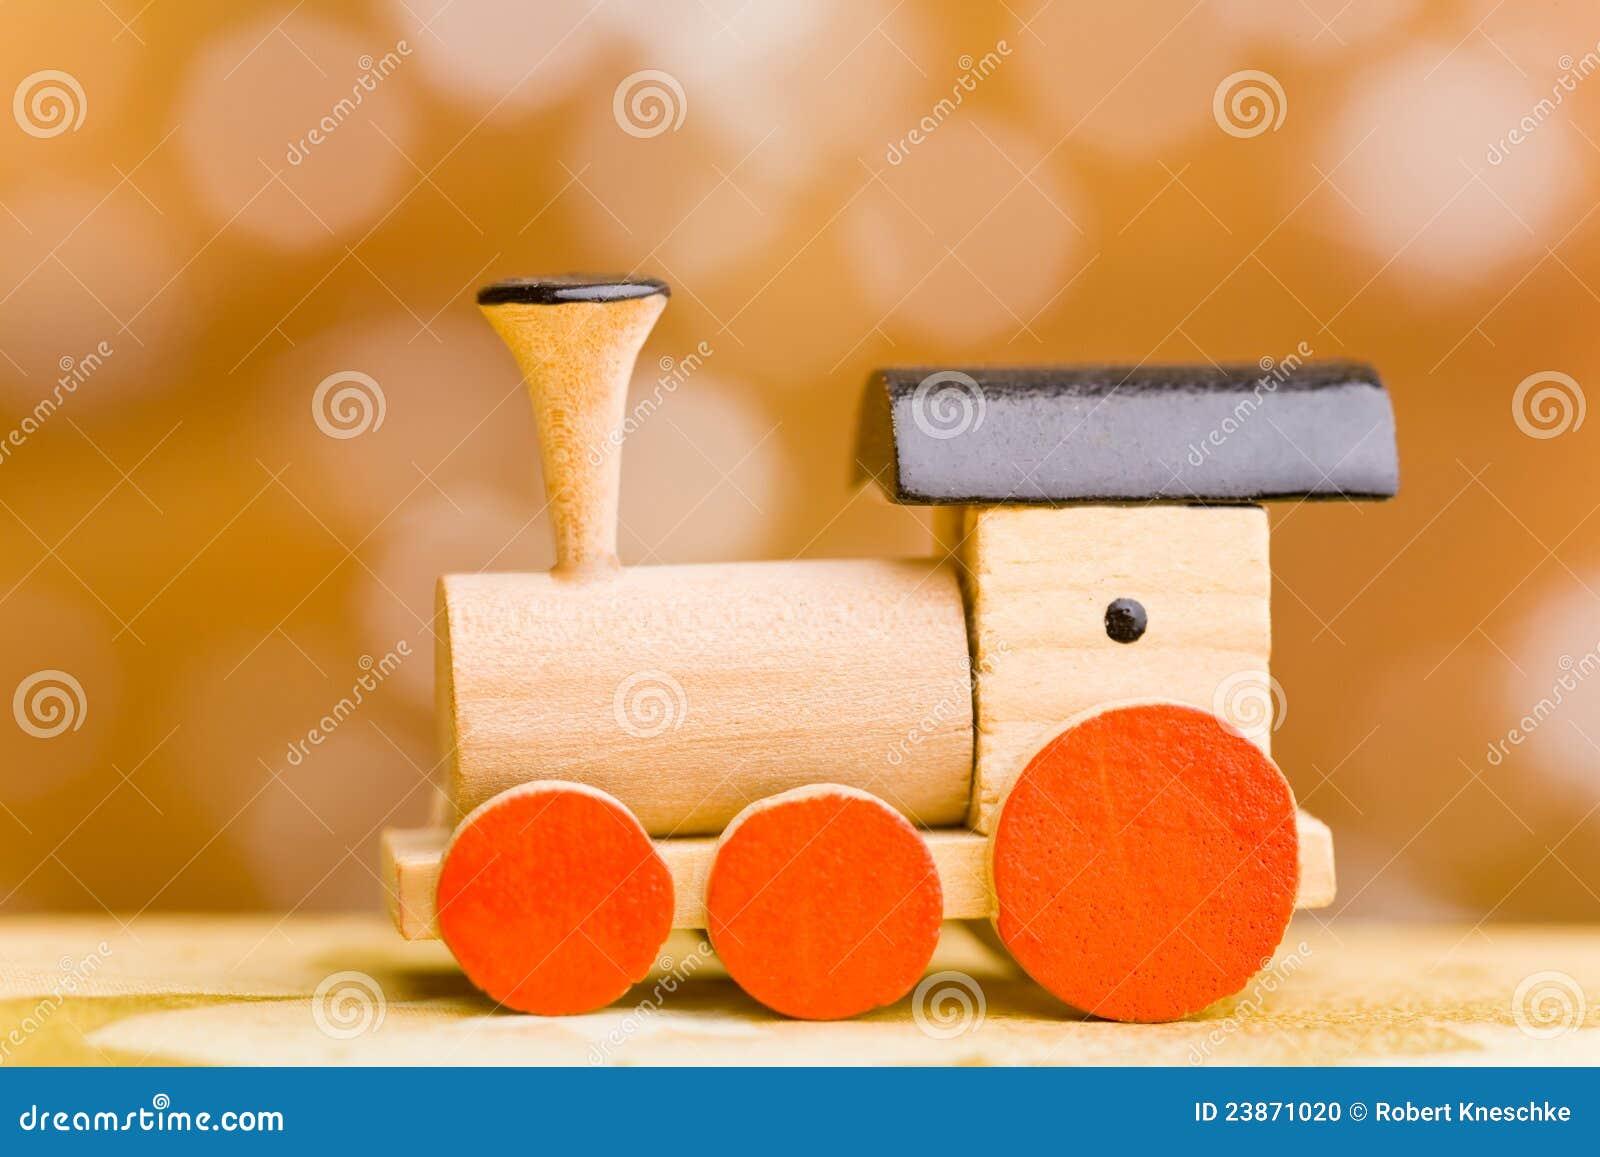 petit train en bois de jouet photo stock image 23871020. Black Bedroom Furniture Sets. Home Design Ideas